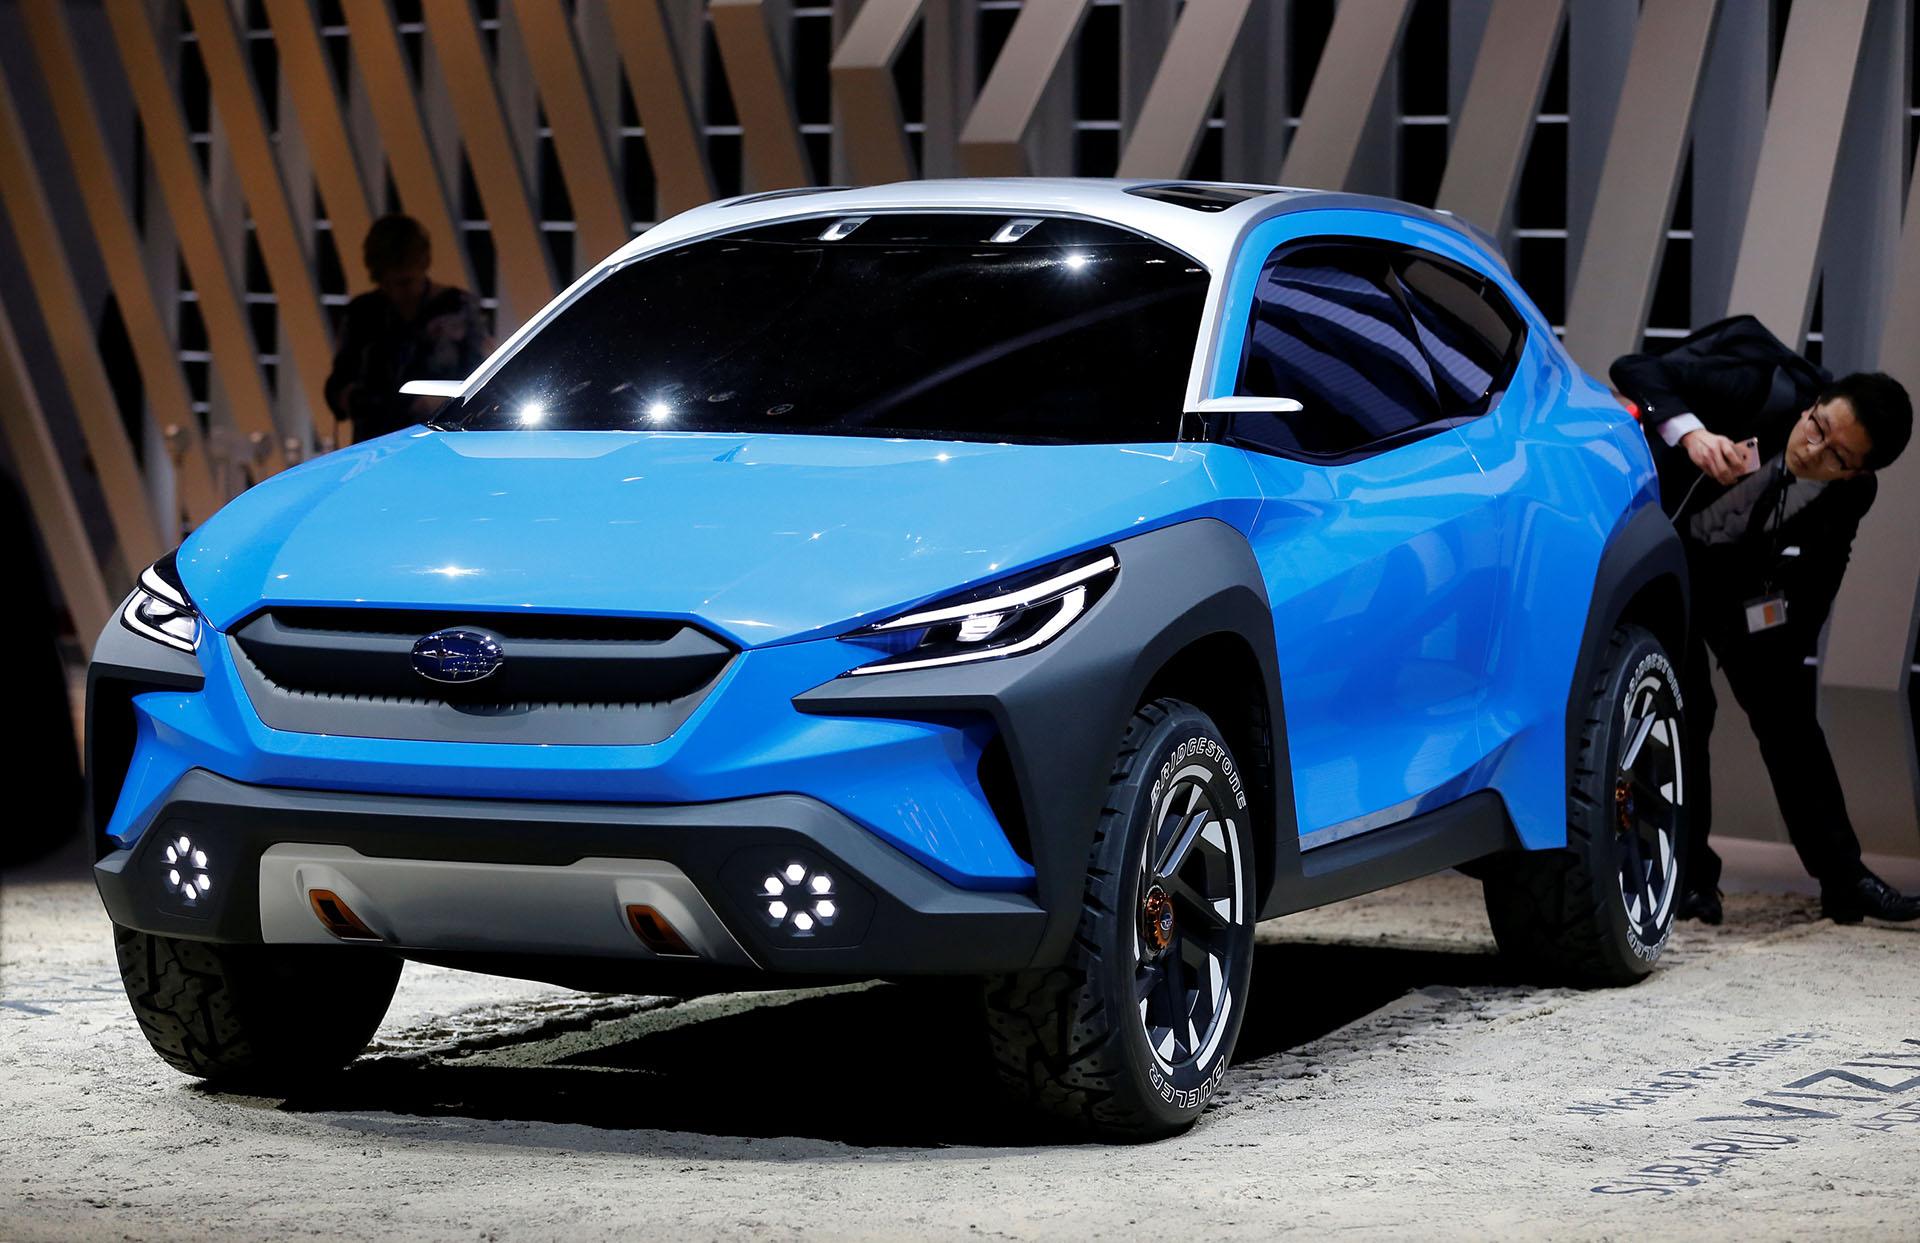 """LA Subaru Viziv Adrenaline Concept remite a""""Vision for Innovation"""":la firma japonesa aún no confirmó sieste SUV se transformará en un automóvil de producción"""